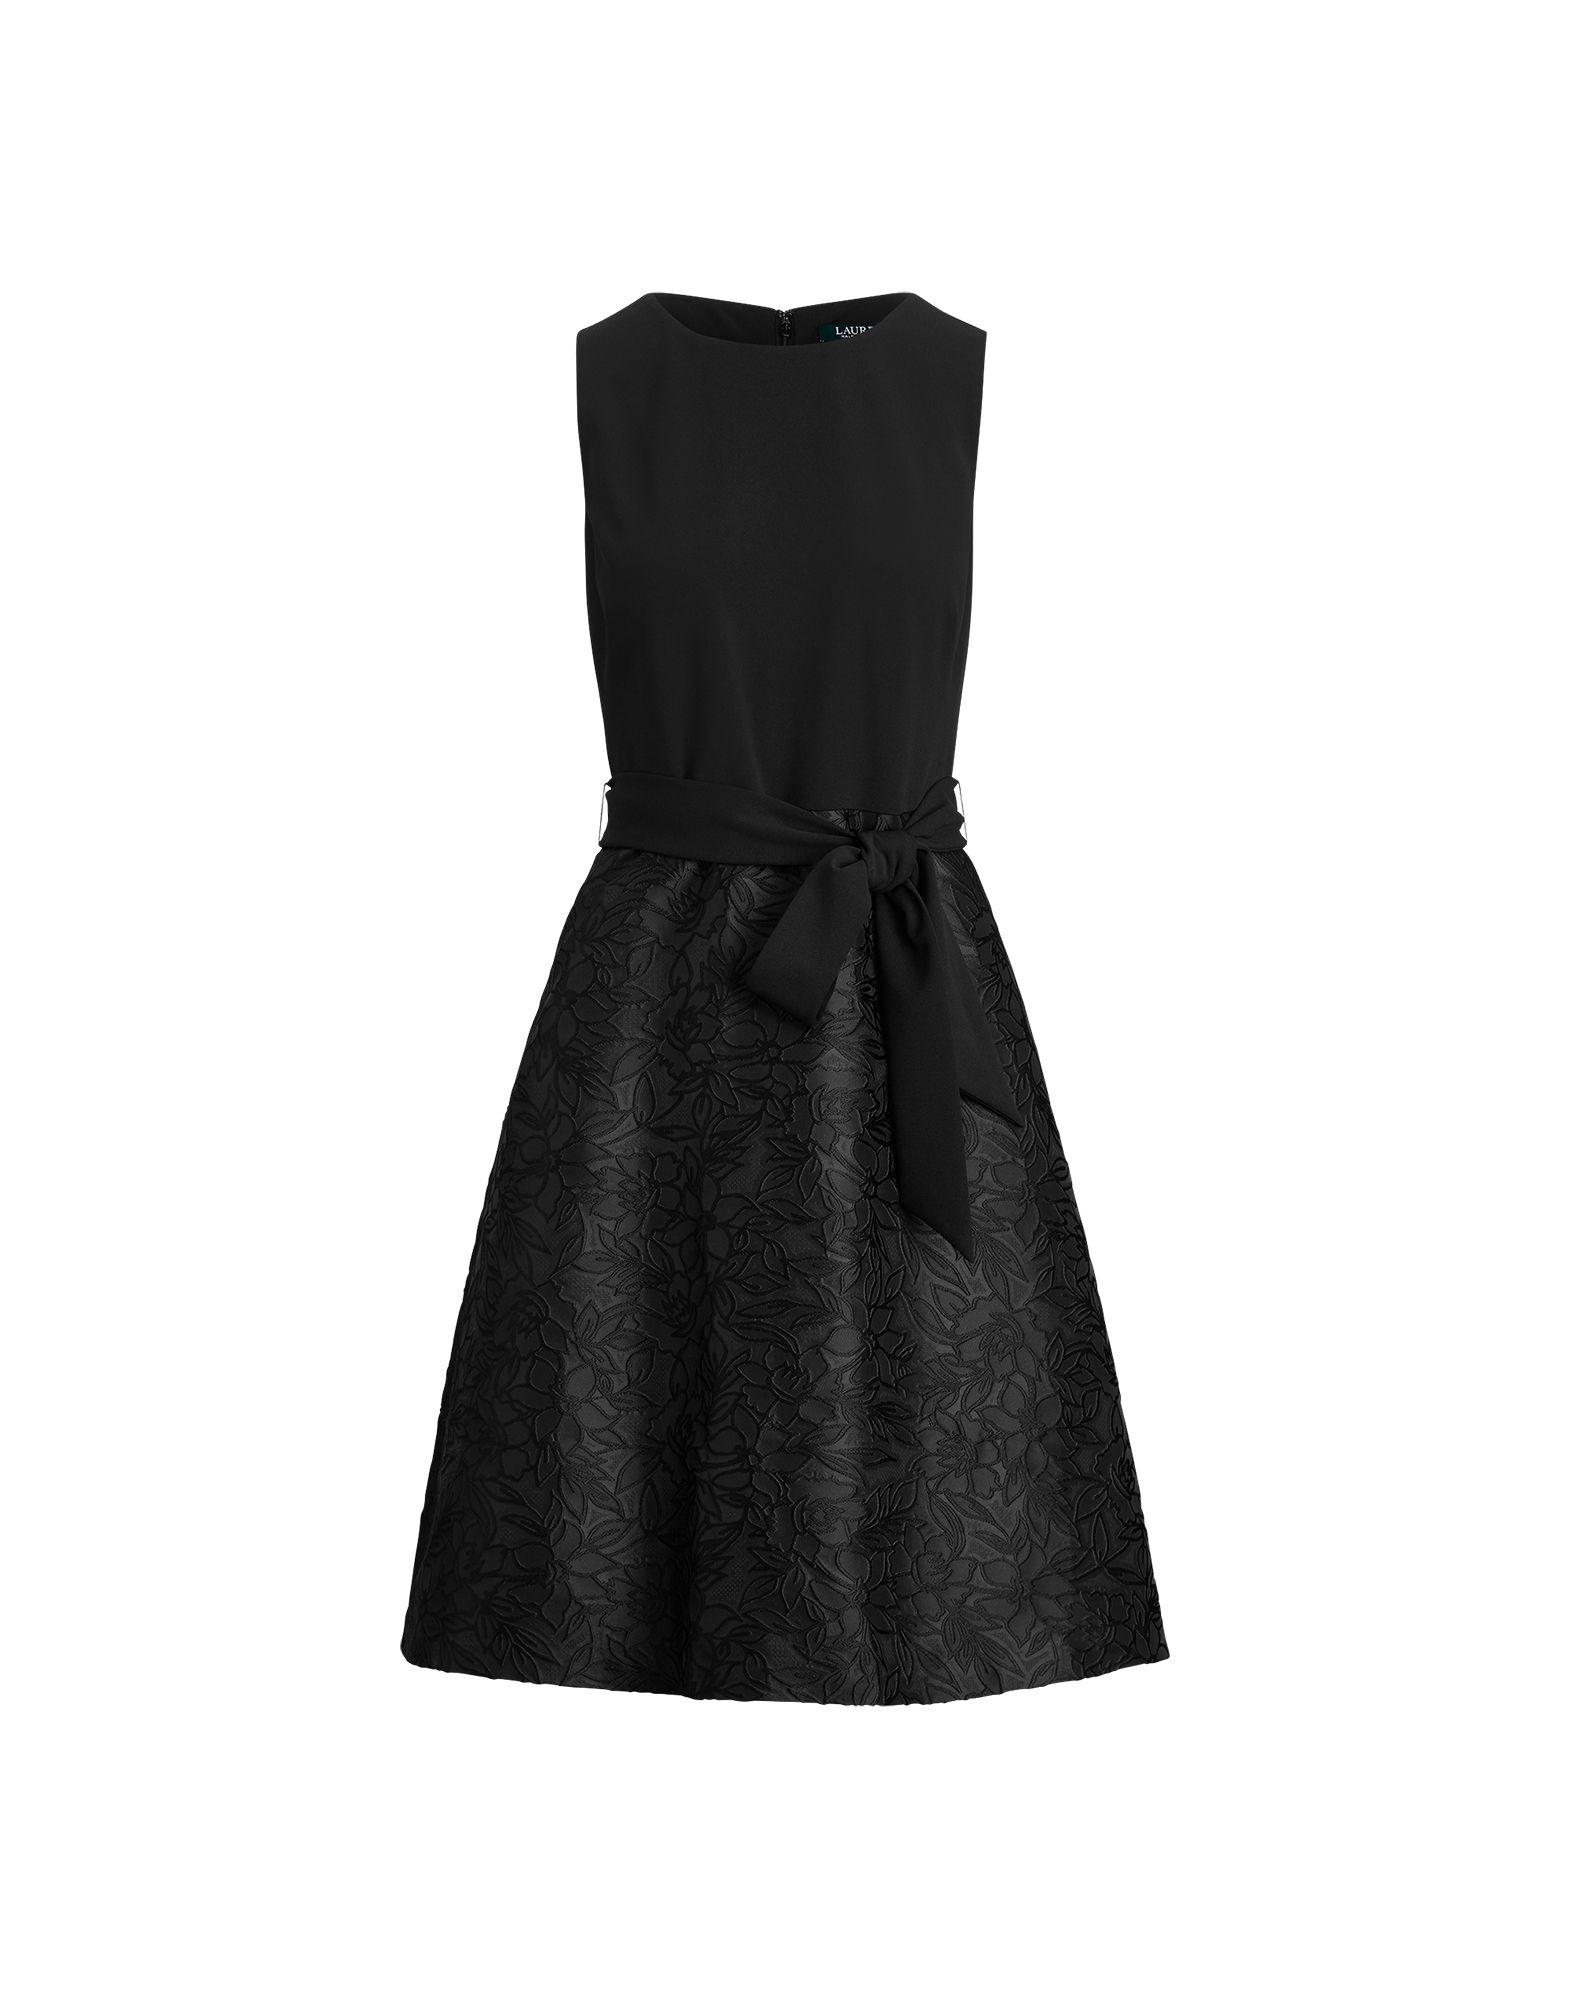 《セール開催中》LAUREN RALPH LAUREN レディース ひざ丈ワンピース ブラック 4 ポリエステル 83% / ナイロン 17% PRINTED GEORGETTE ALETHEO SLEEVELESS EVENING DRESS